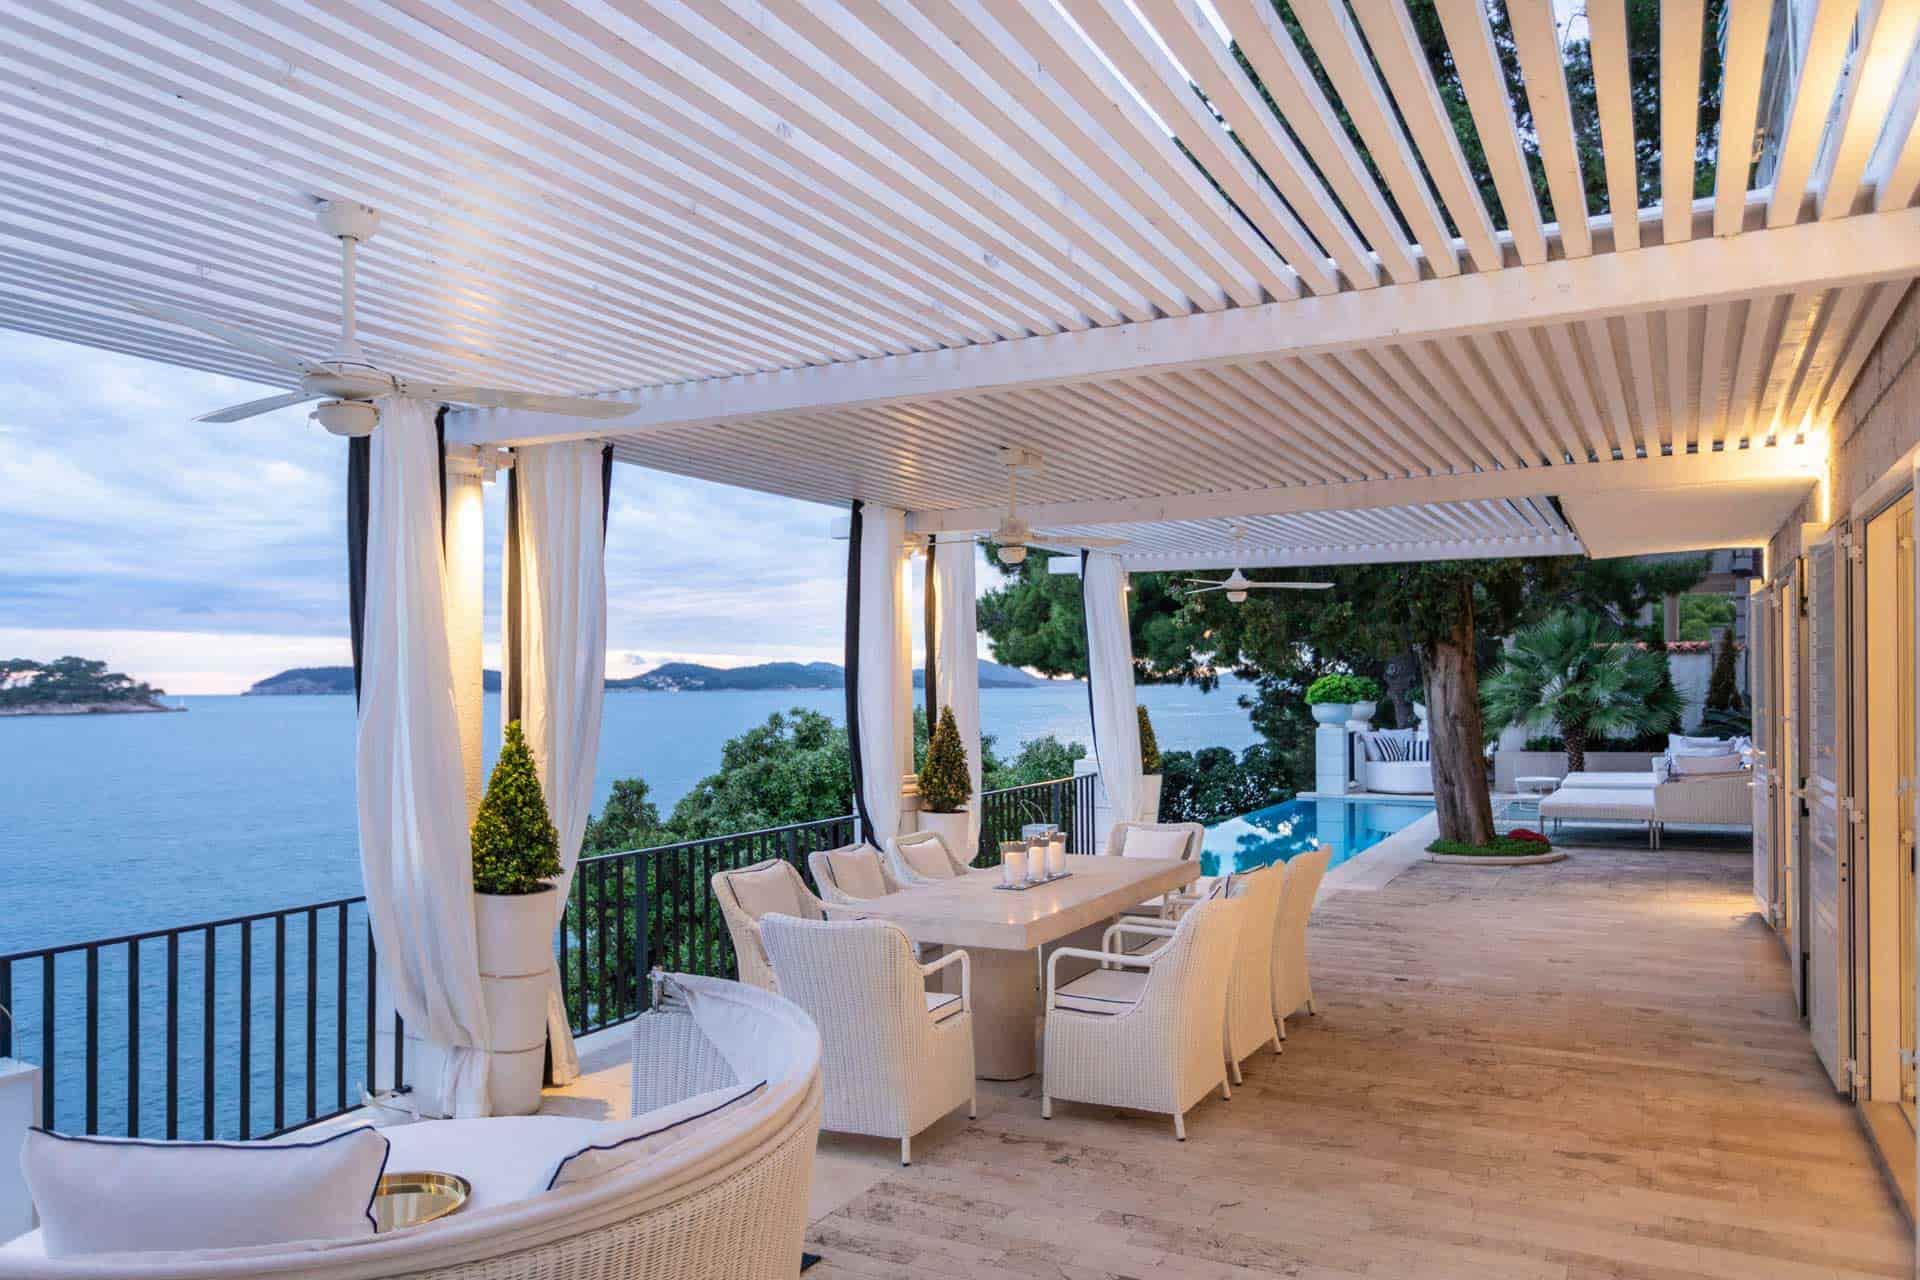 Mediteranska vila s bazenom, kraj mora